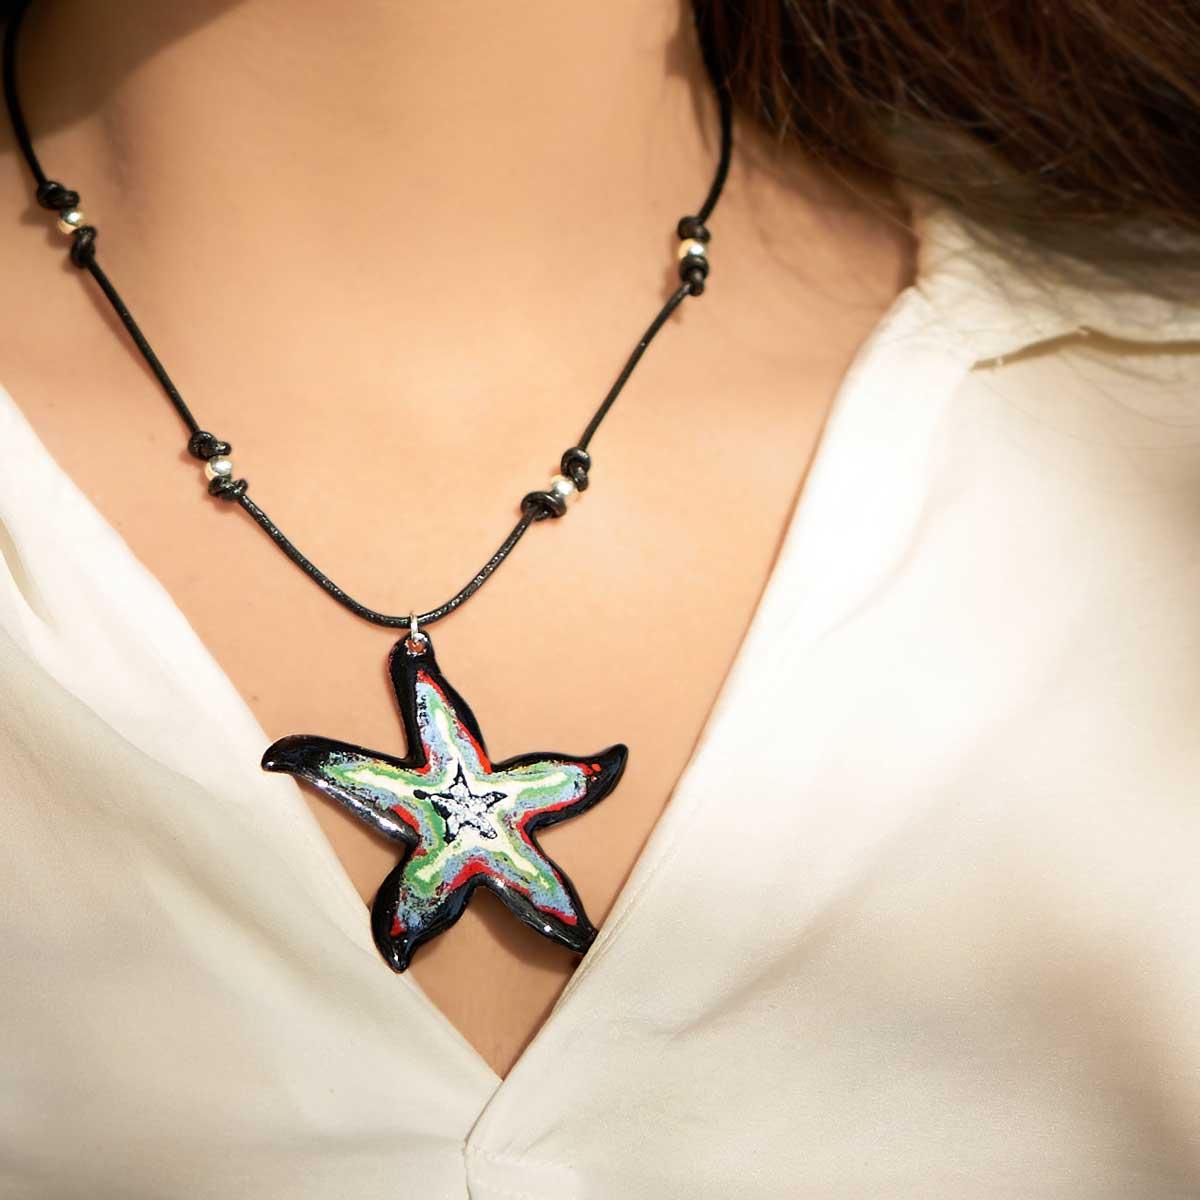 Colgante de diseño modelo Estrela, joyería de plata y esmalte al fuego. Joyas Siliva.